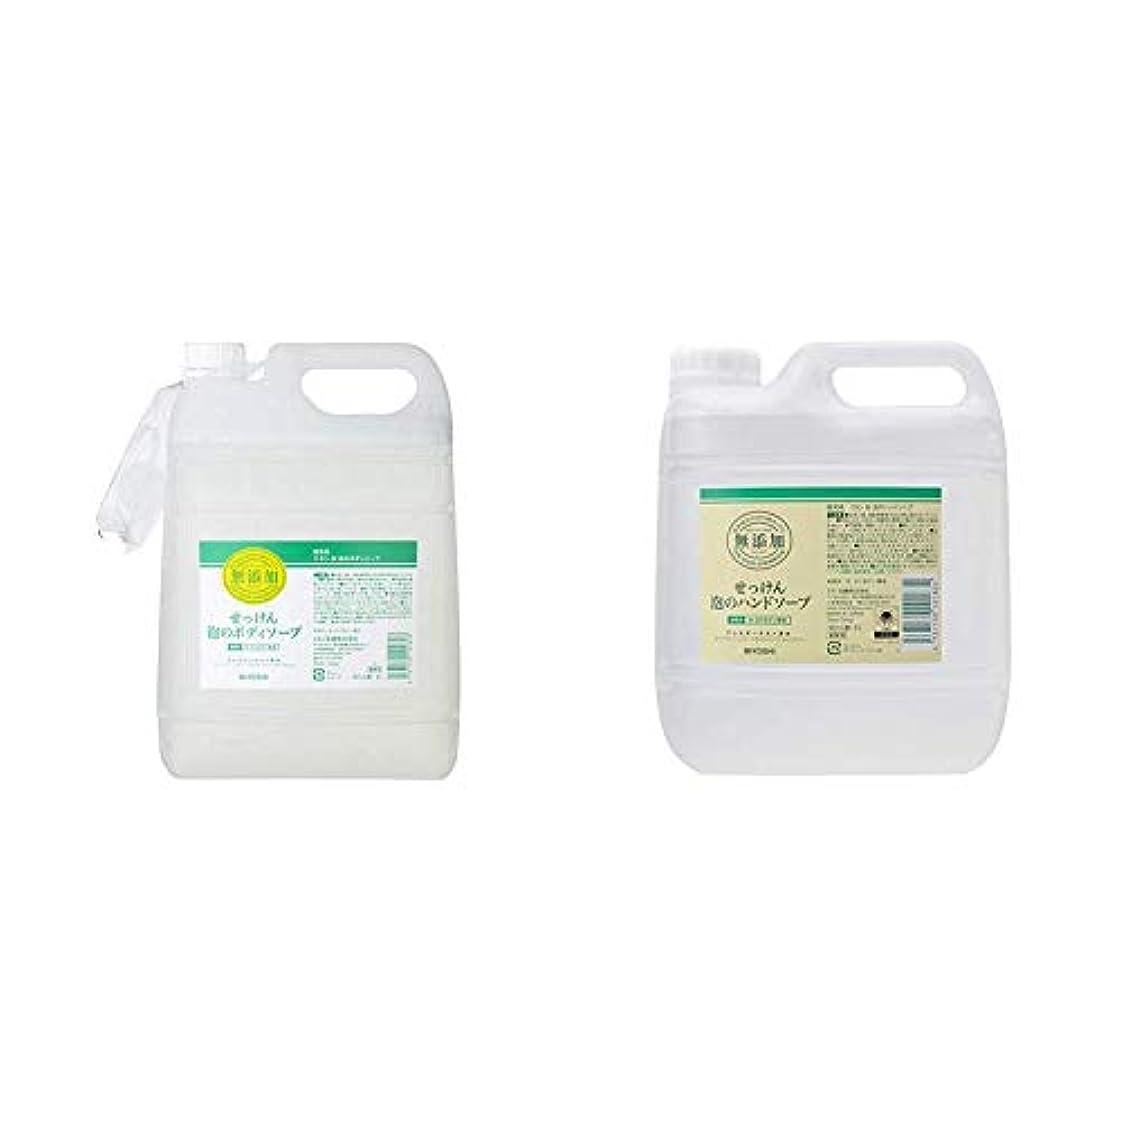 ラウズクーポン環境ミヨシ石鹸 無添加せっけん 泡のボディソープ 詰替え用 5L & 無添加せっけん泡のハンドソープ 単品 3L